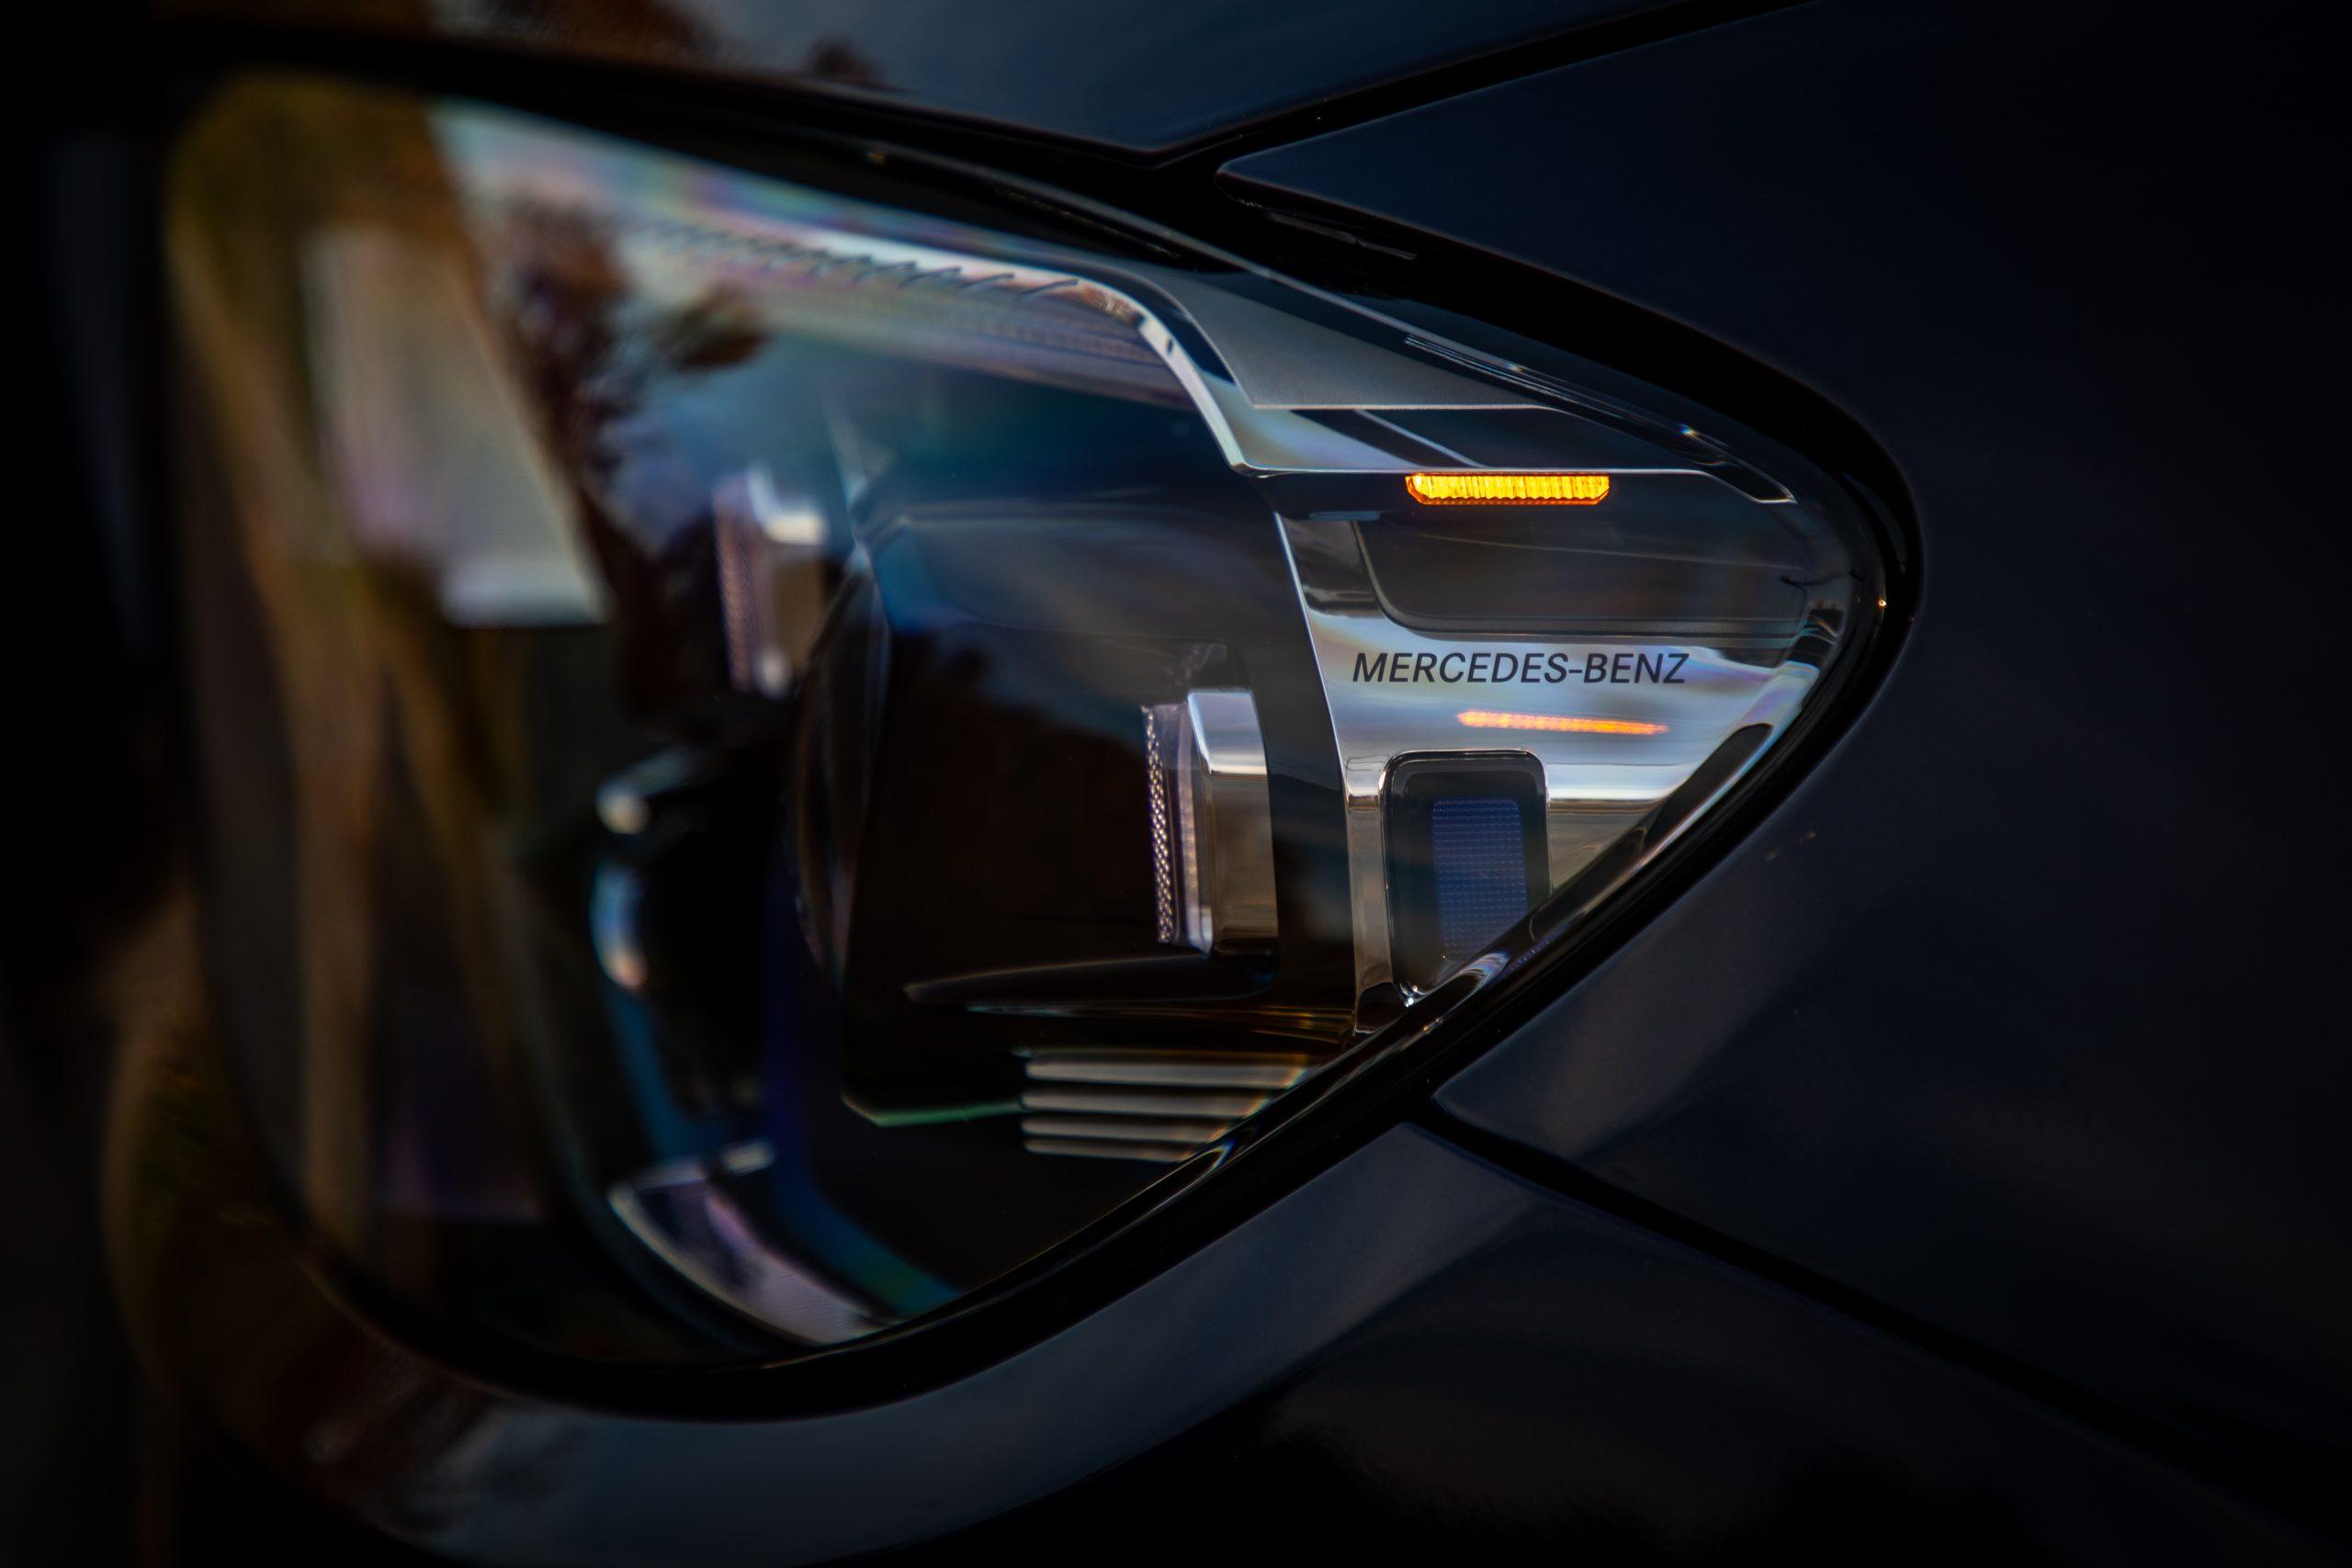 2021 Mercedes Benz E 450 4MATIC headlight detail